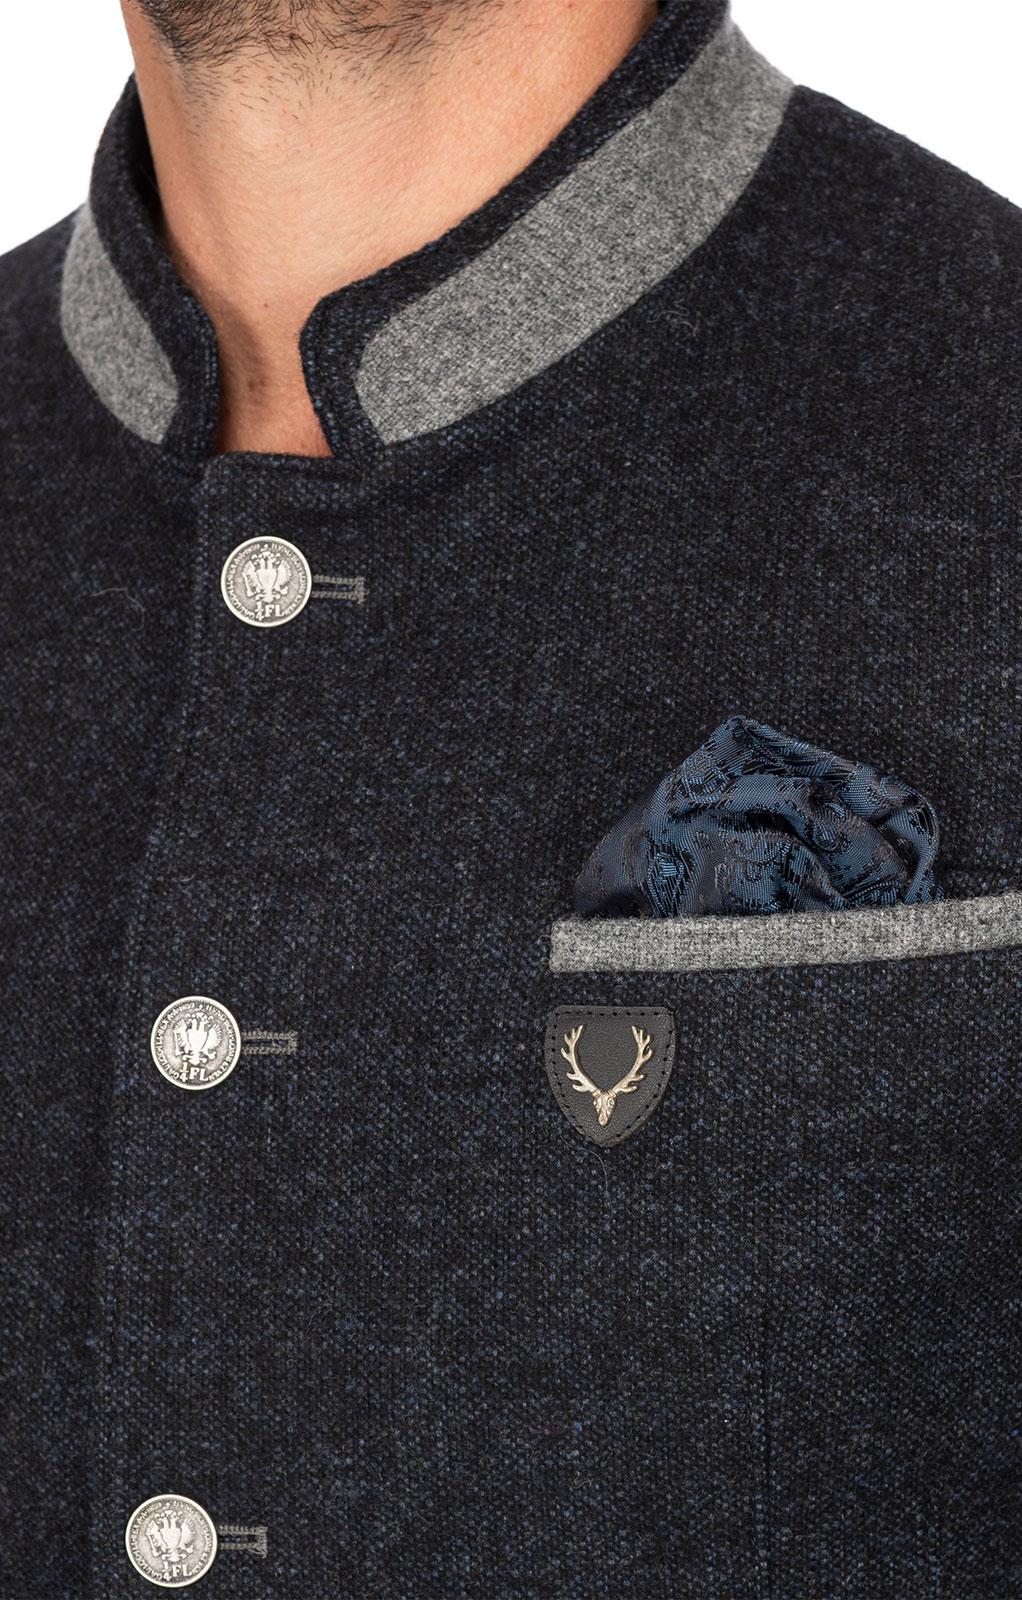 weitere Bilder von Trachtenjacke MARLON dunkelblau grau